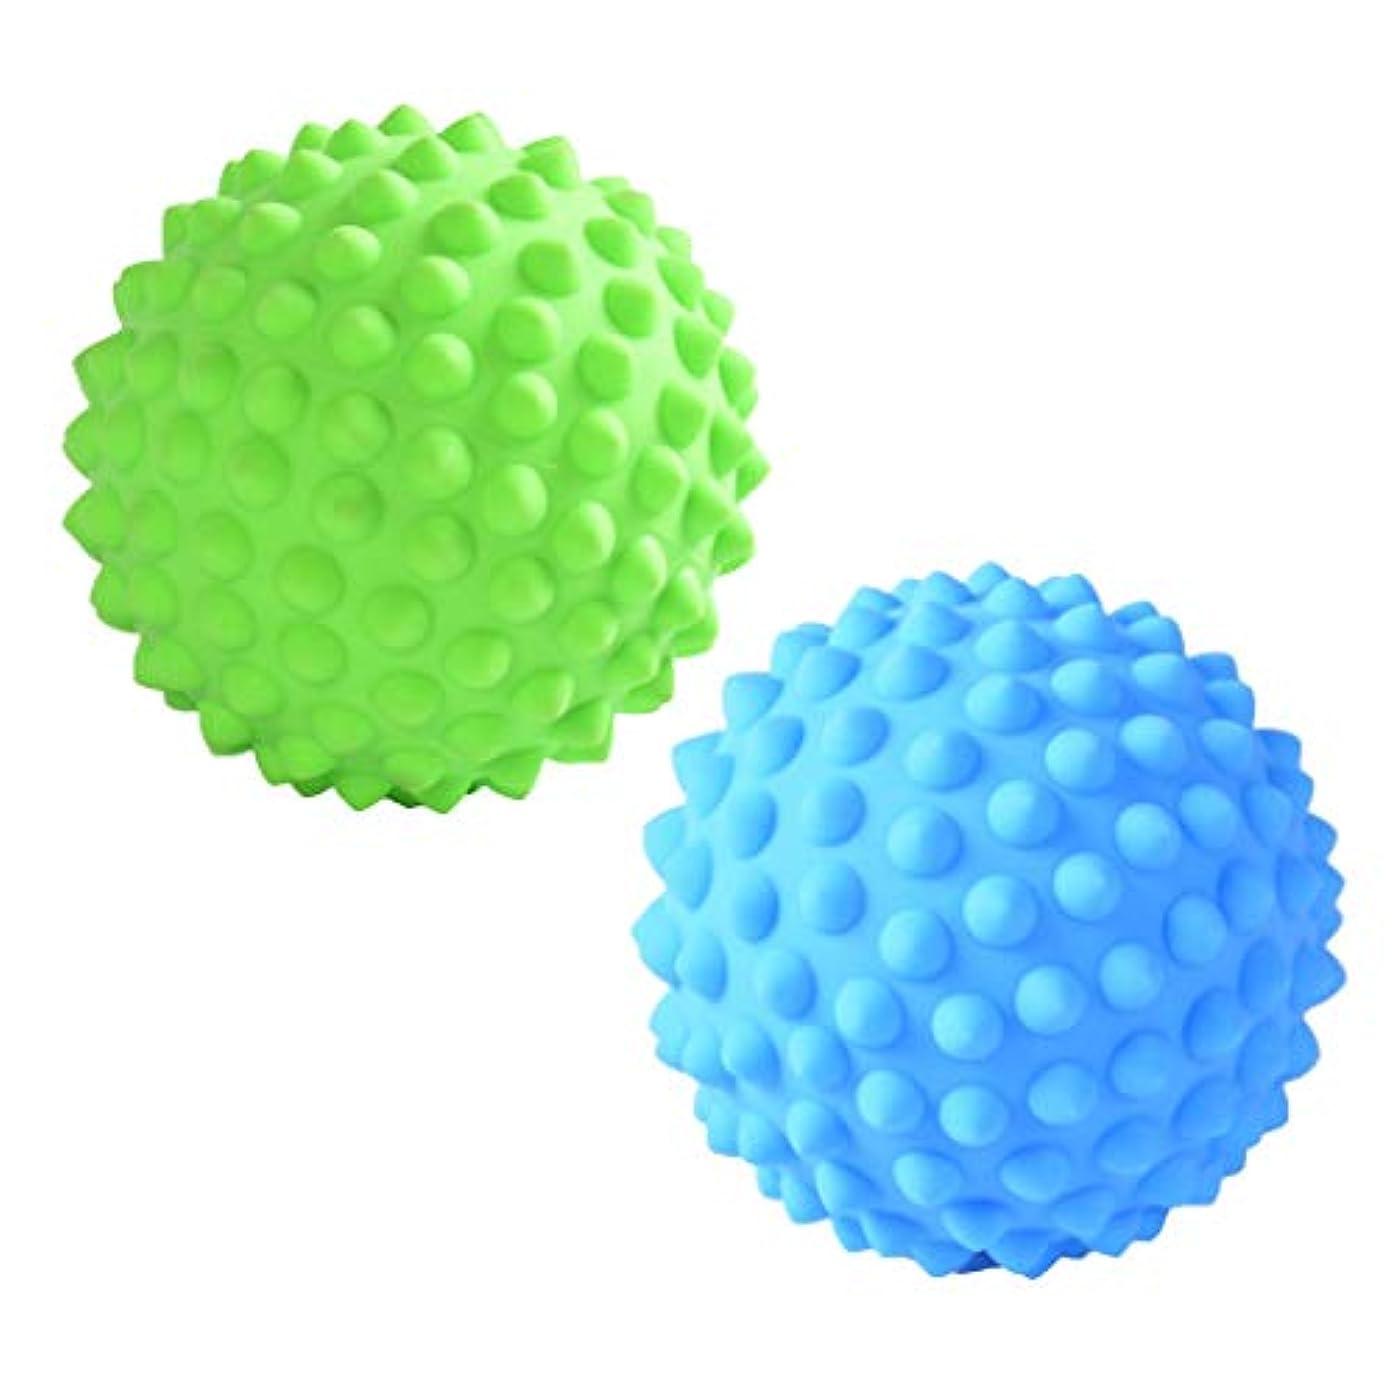 鹿飾るスティックFLAMEER 2個 マッサージローラーボール 指圧ボール PVC トリガーポイント 疲れ解消ボール ヨガ 疲労軽減